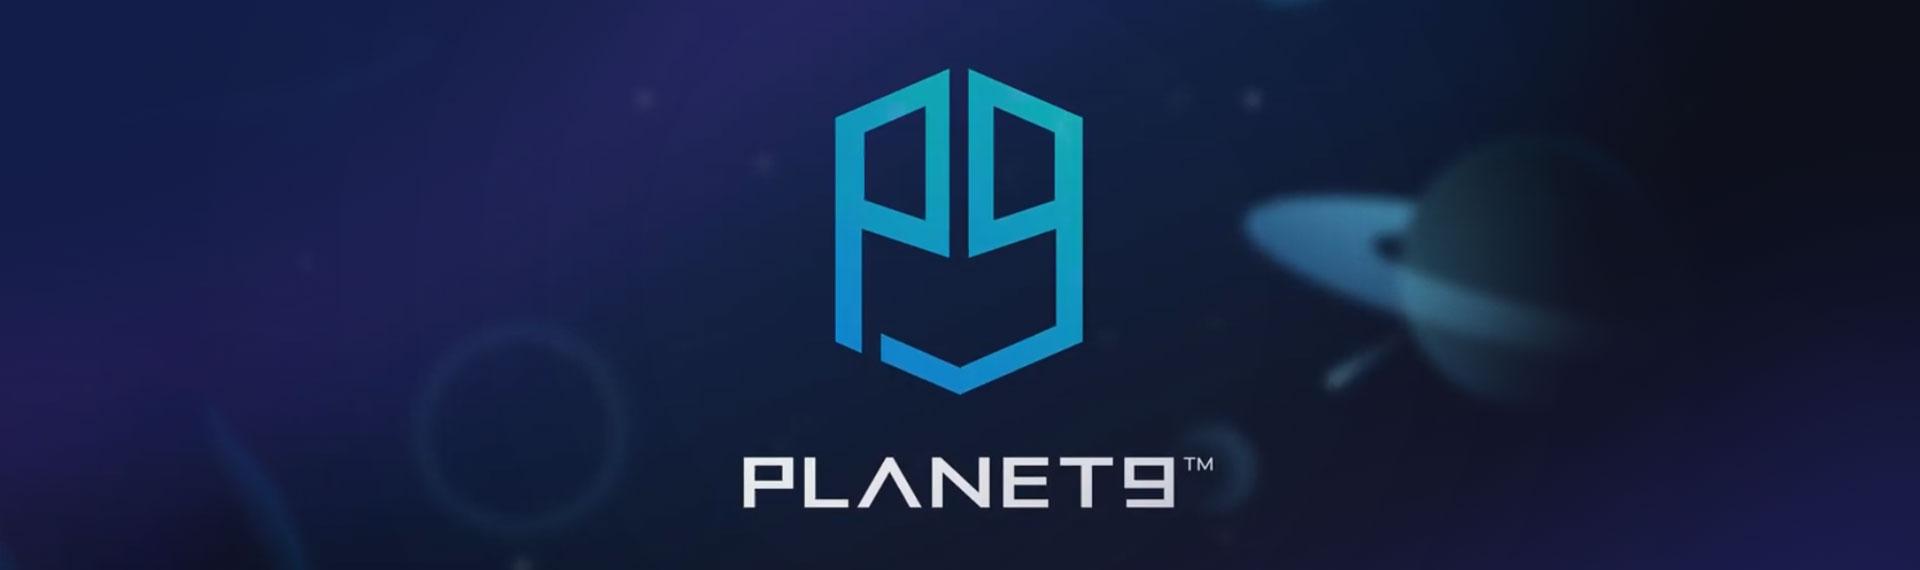 Planet9, Platform Esports Terbaru Milik Acer yang Dibutuhkan Para Gamer